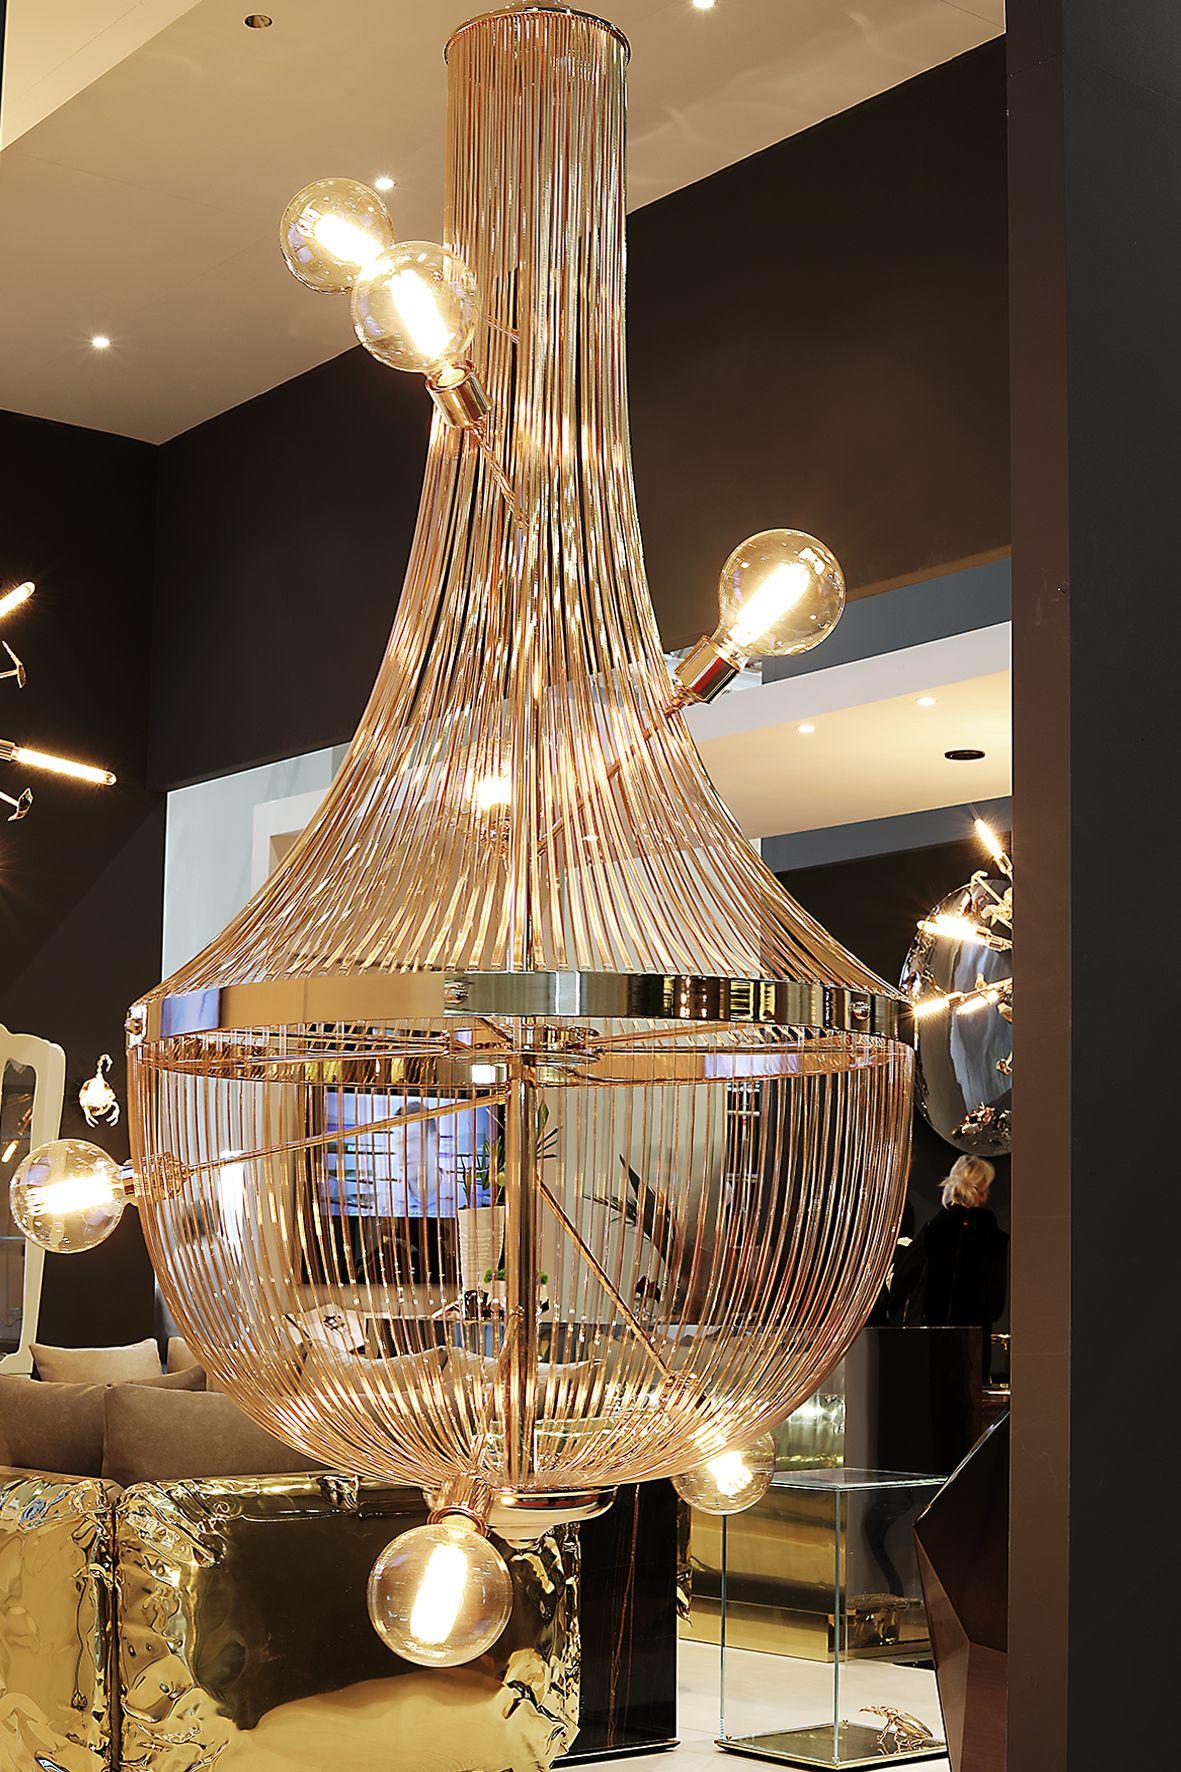 Discover our new luxury designs at maison et objet paris hall 7